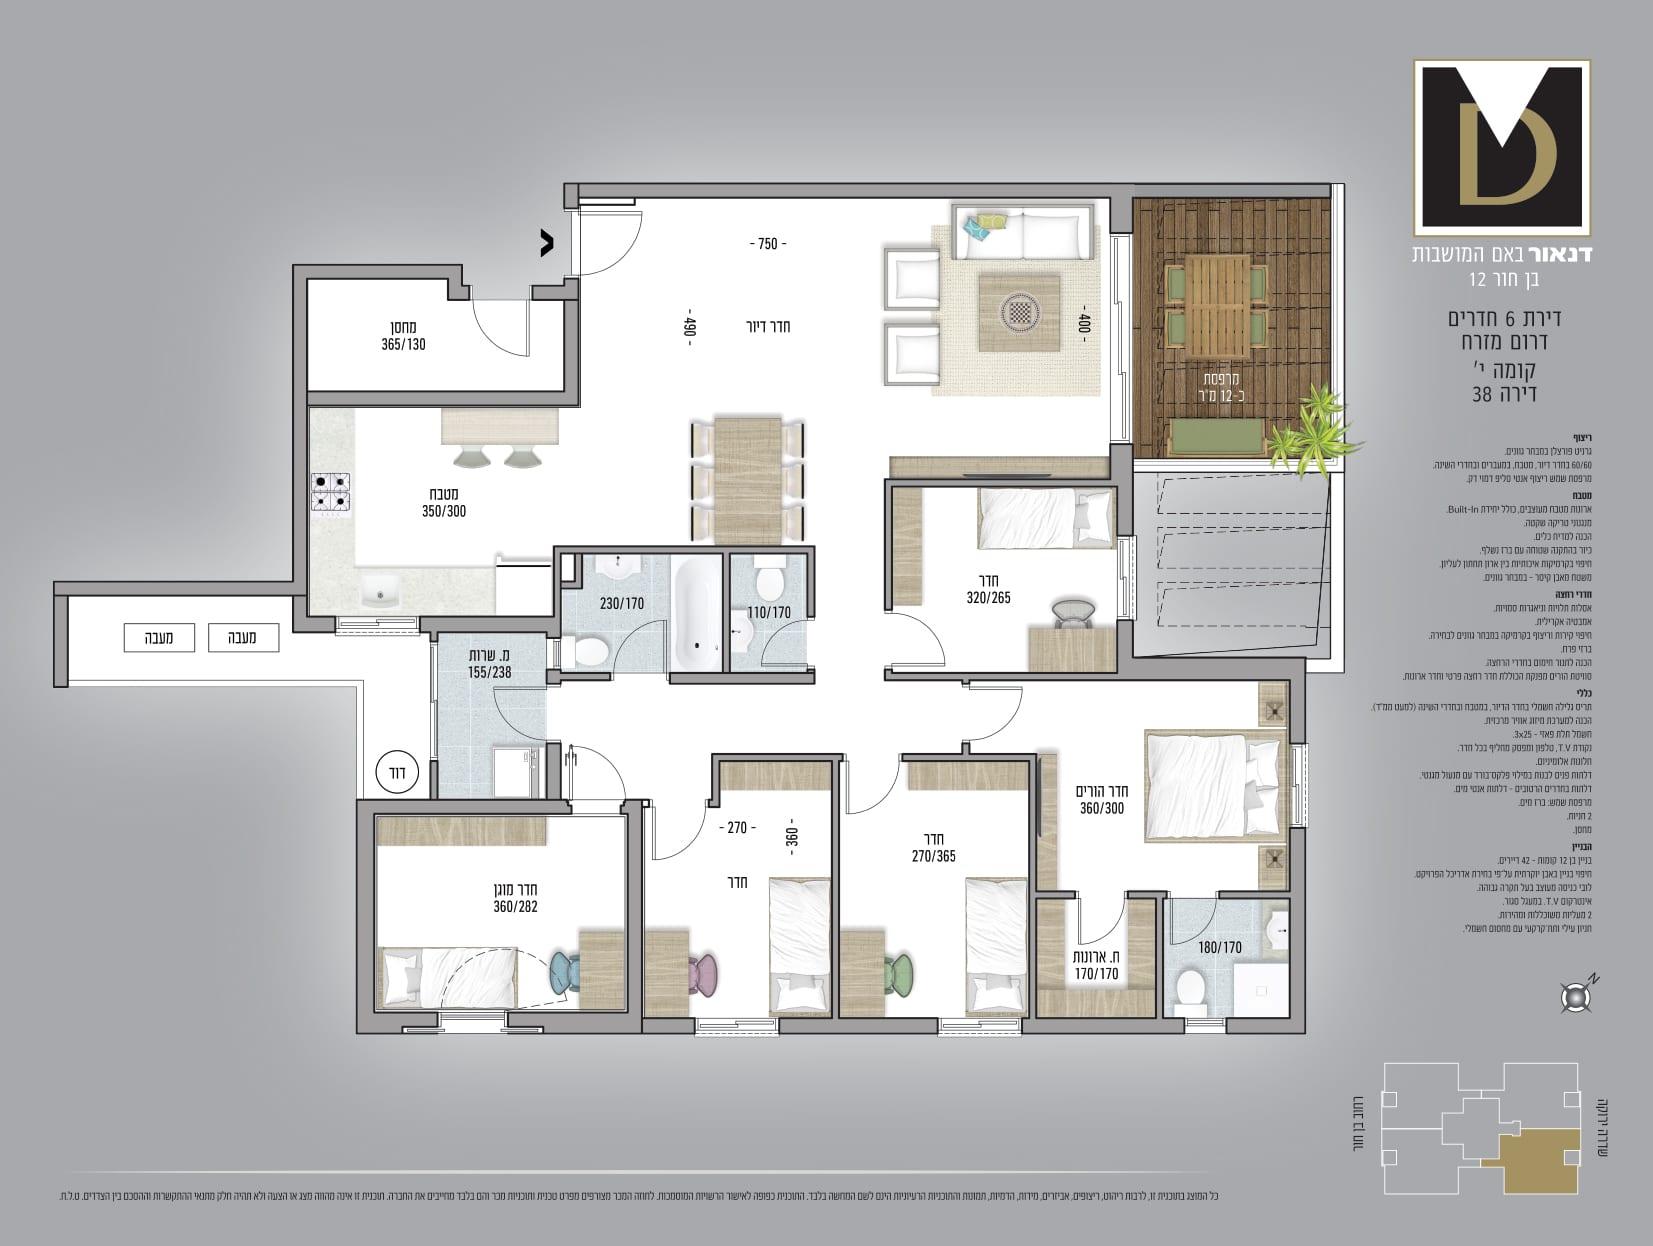 דירת 6 חדרים, קומה 10, דירה 38